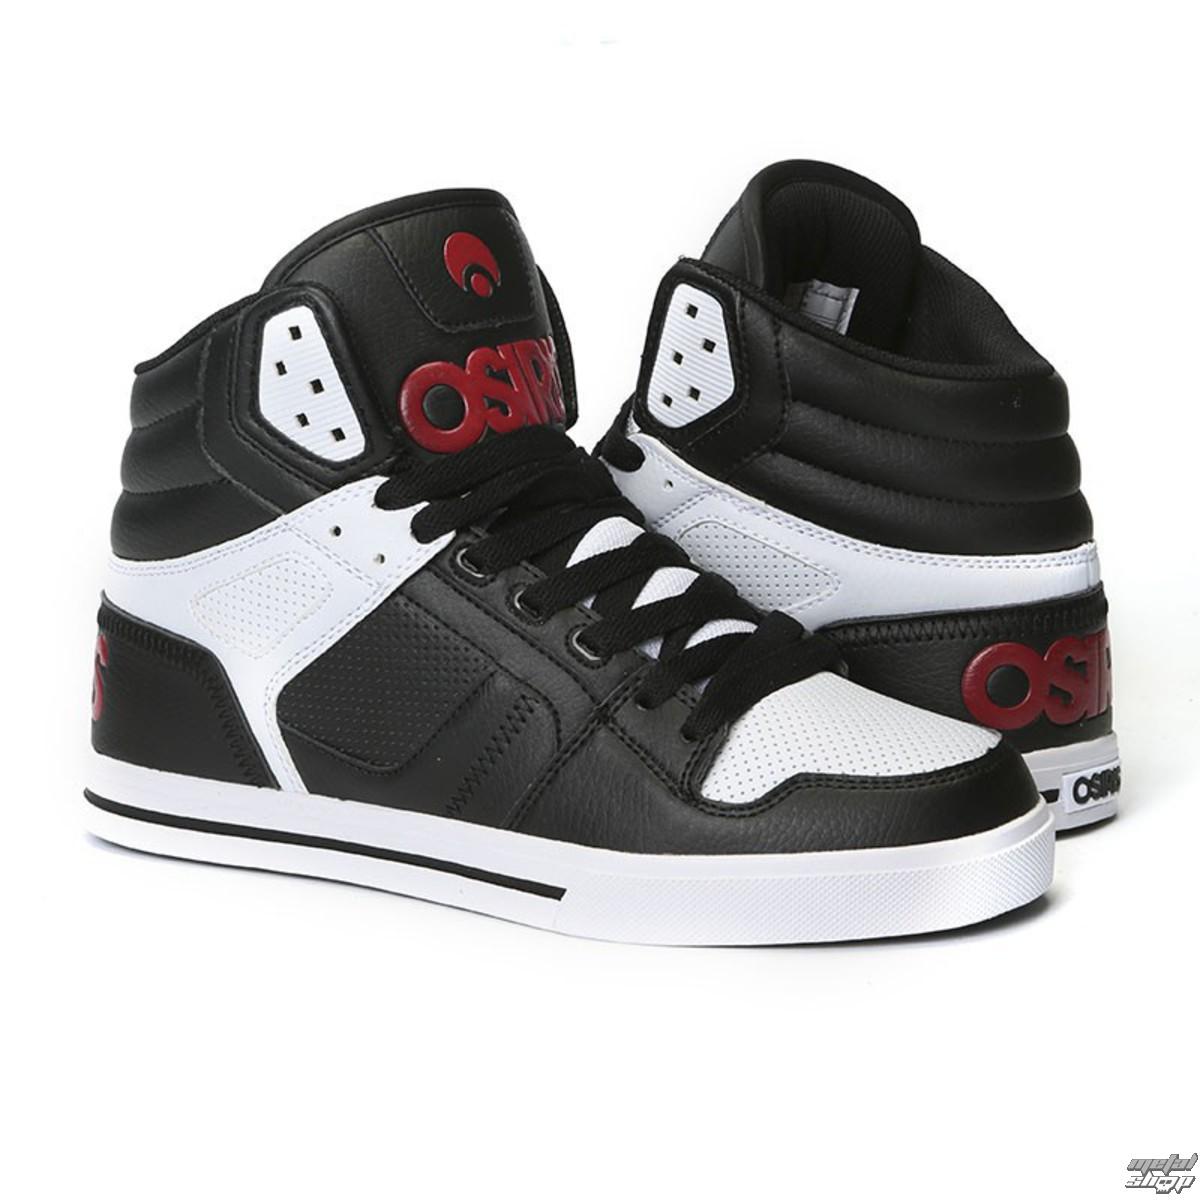 boty OSIRIS - Clone Black/Red/White - 1322-130